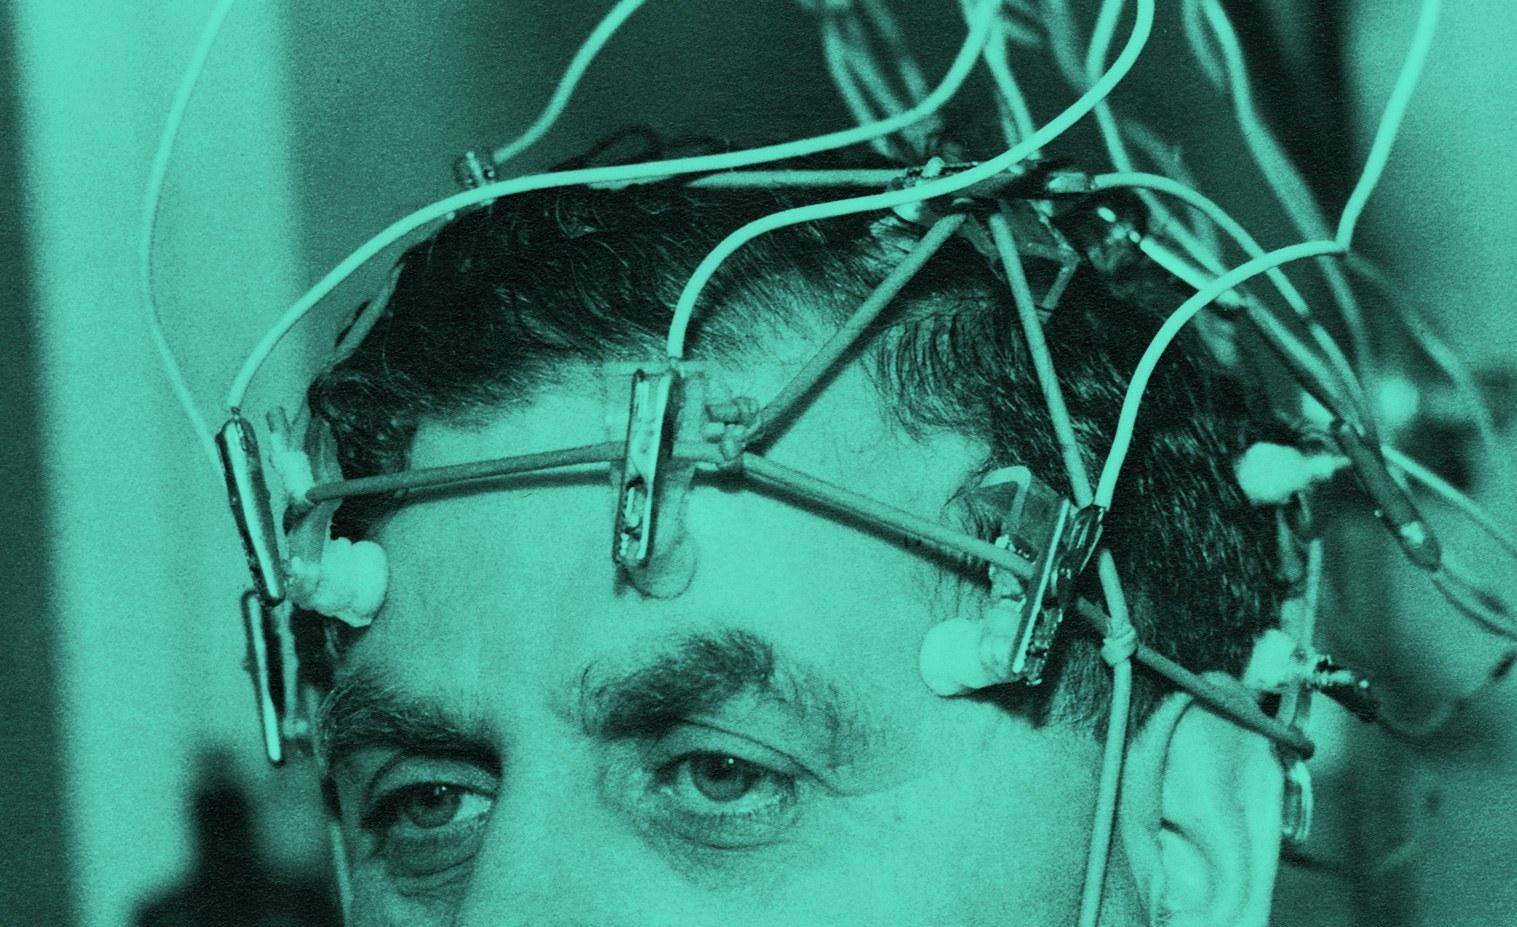 Ý tưởng thiết bị đọc suy nghĩ người dùng của Facebook. Ảnh: Wired.